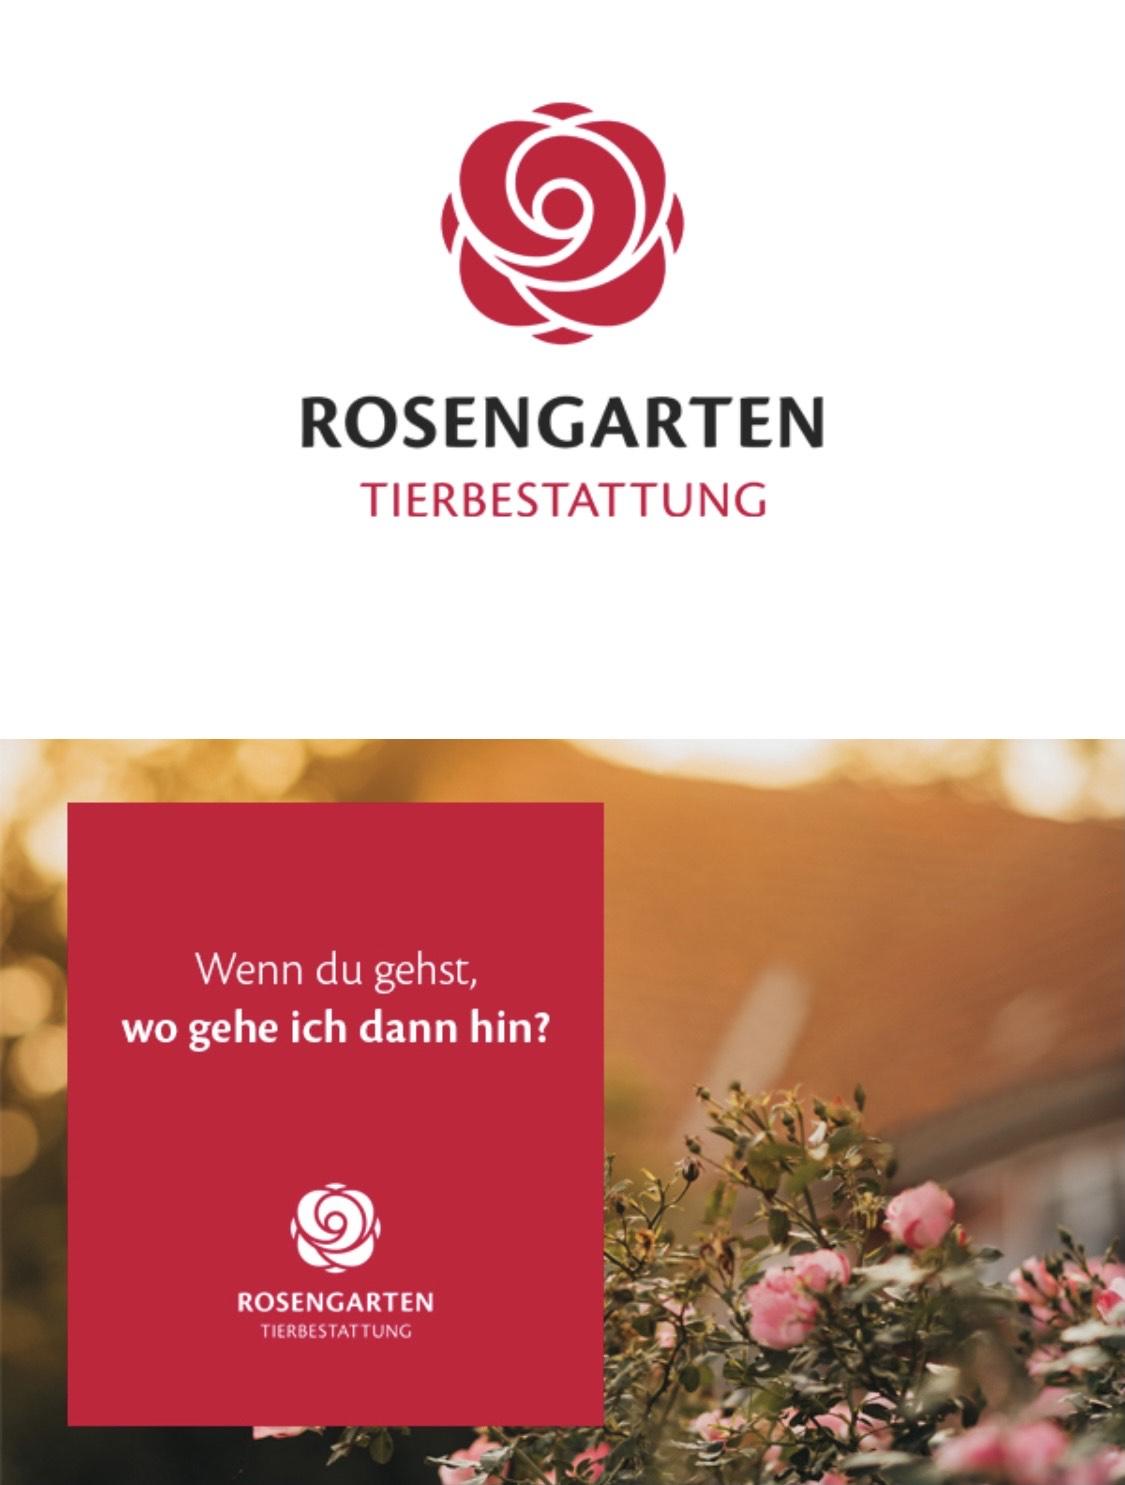 ROSENGARTEN-Vorsorge Tierbestattung 50€ Rabattcode